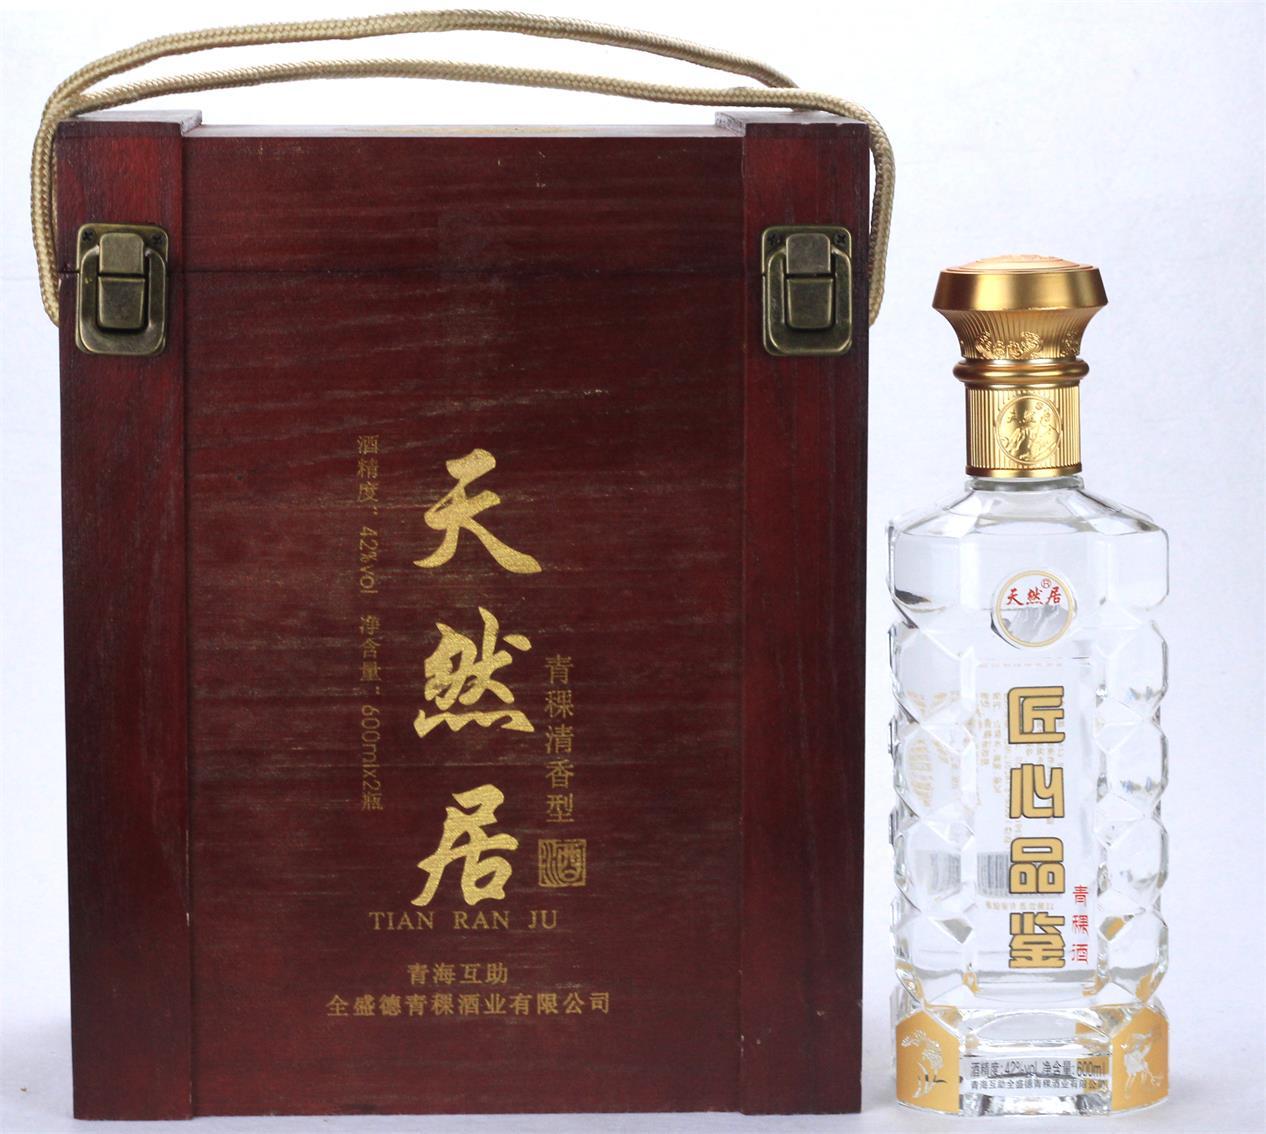 河南小金宝青稞酒怎么样 真诚推荐「青海互助全盛德青稞酒业供应」